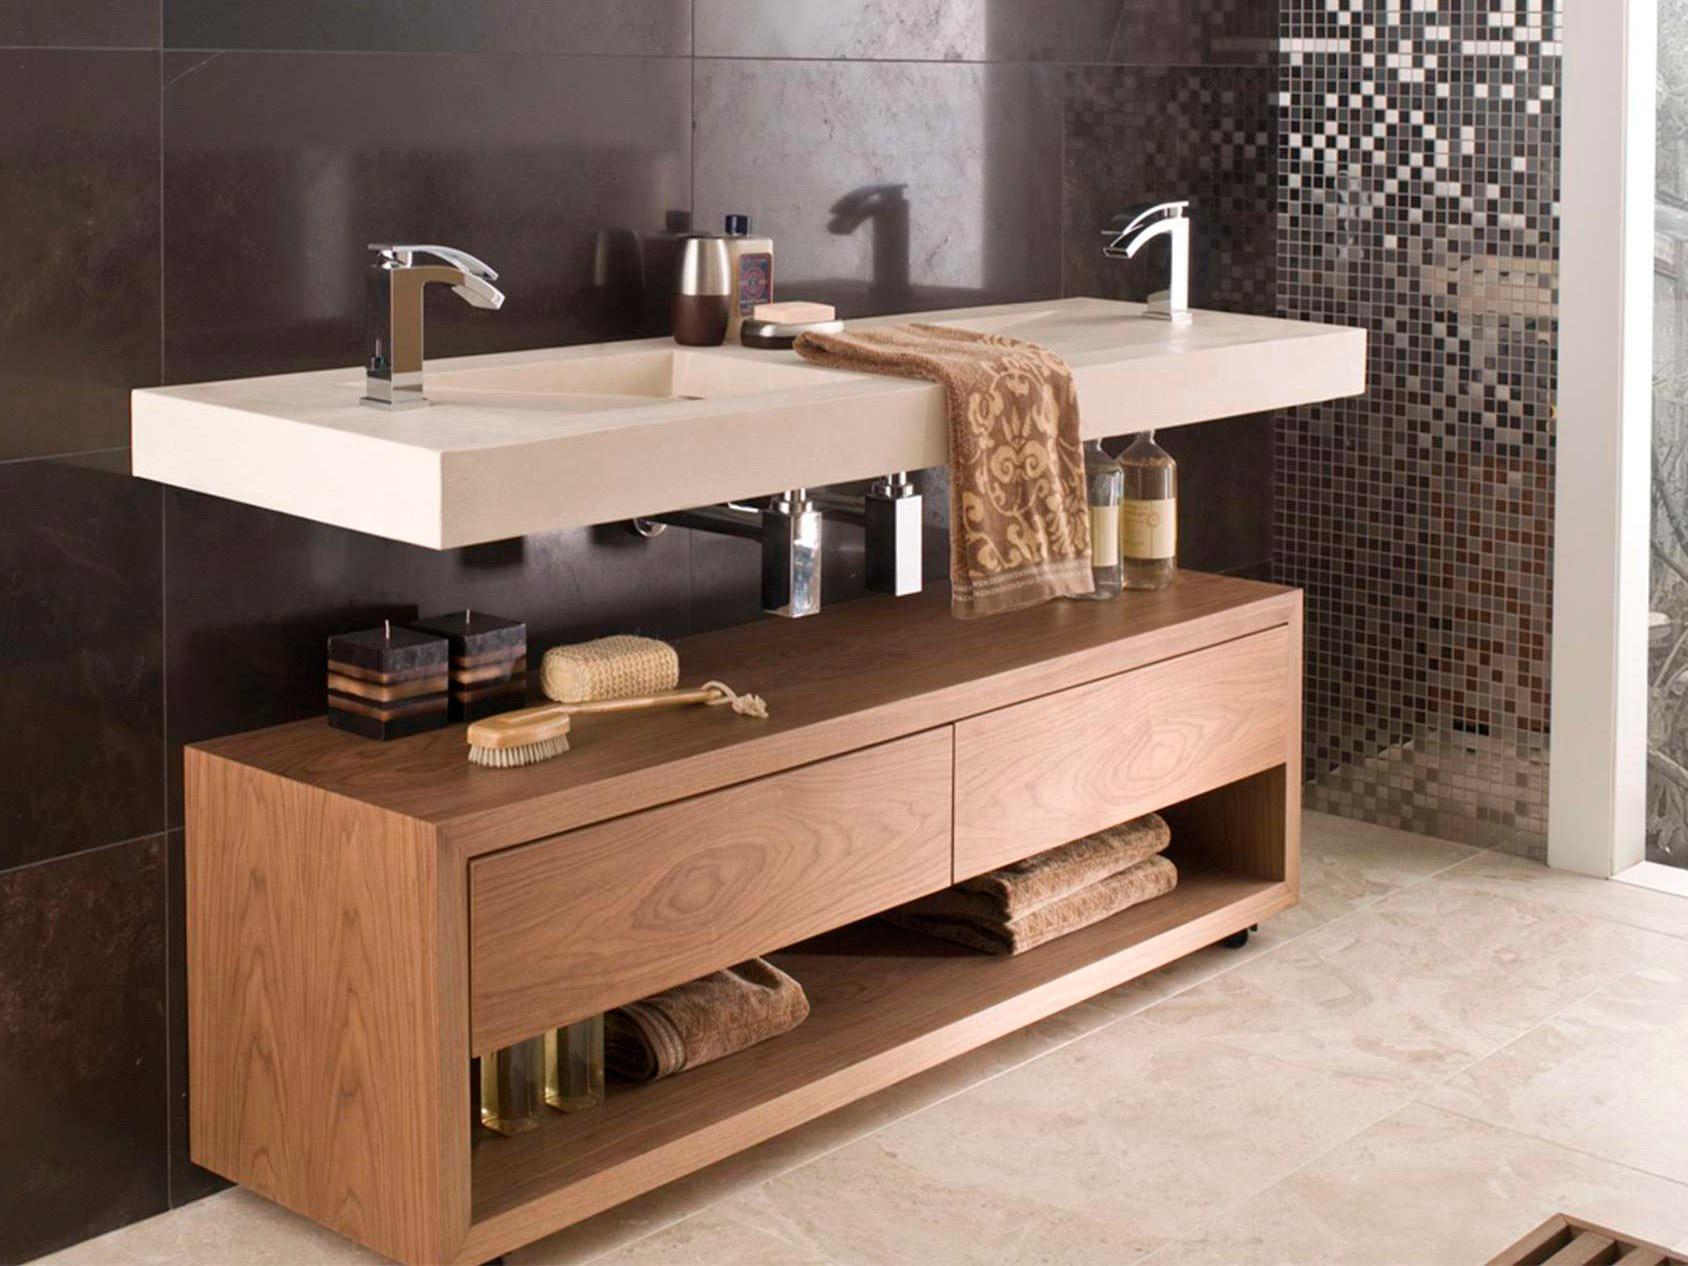 Muebles De Ba O Modernos A Medida En A Coru A # Muebles Doble Funcionalidad